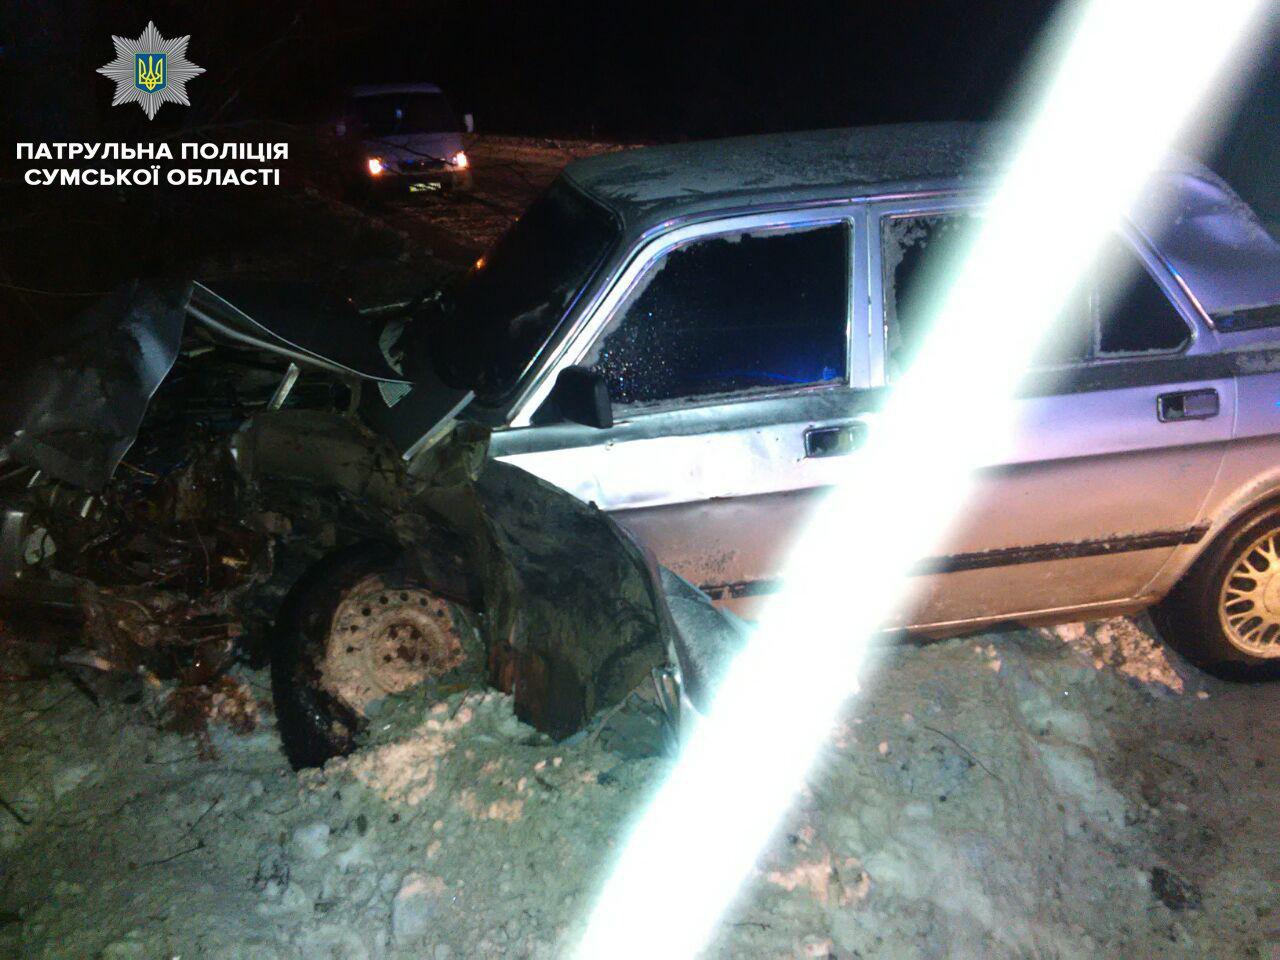 Под Сумами пьяный водитель врезался в дерево, фото-2